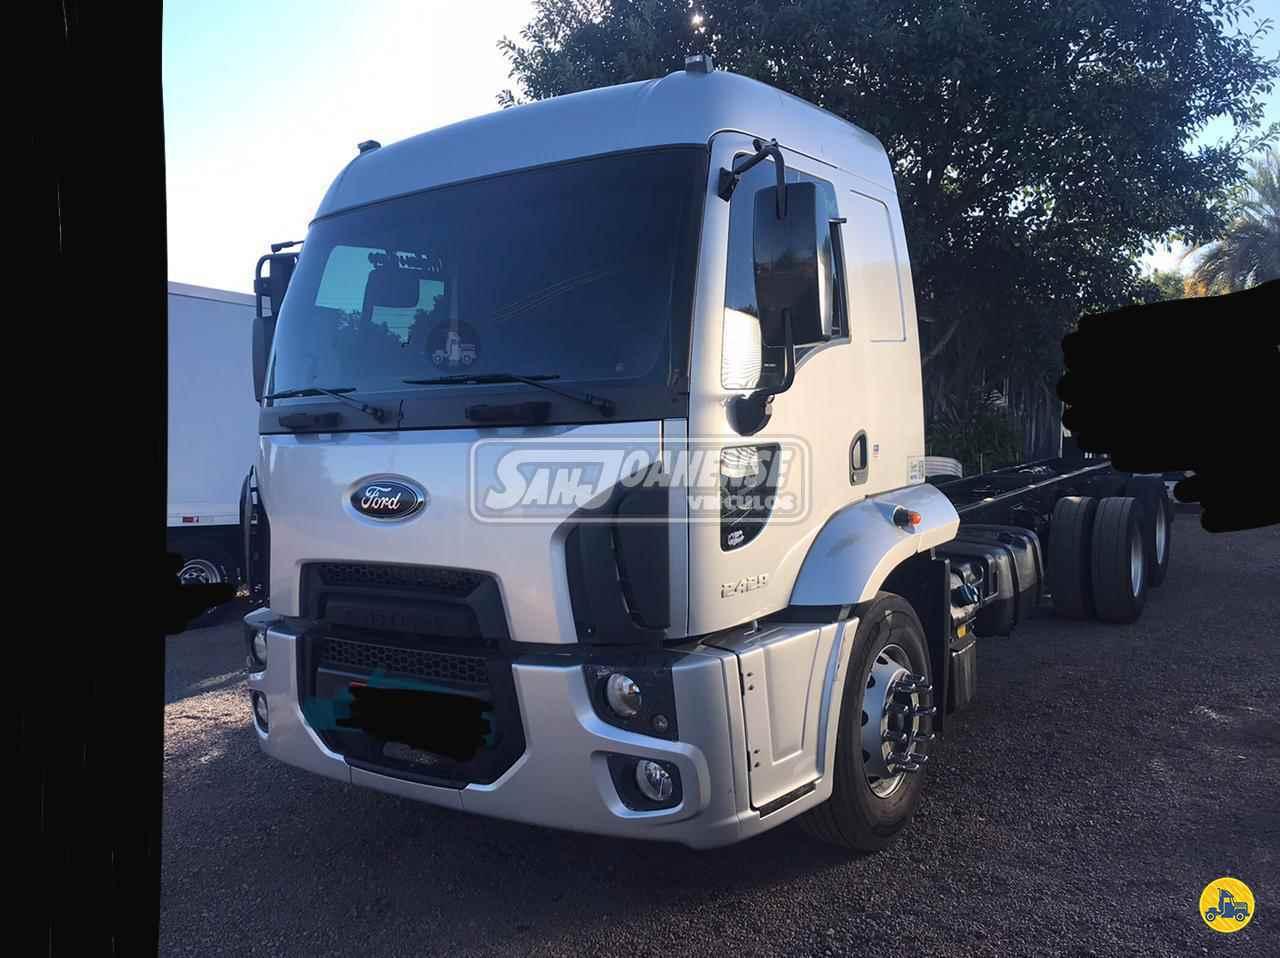 CAMINHAO FORD CARGO 2429 Chassis Truck 6x2 Sanjoanense Veículos SAO JOAO DA BOA VISTA SÃO PAULO SP